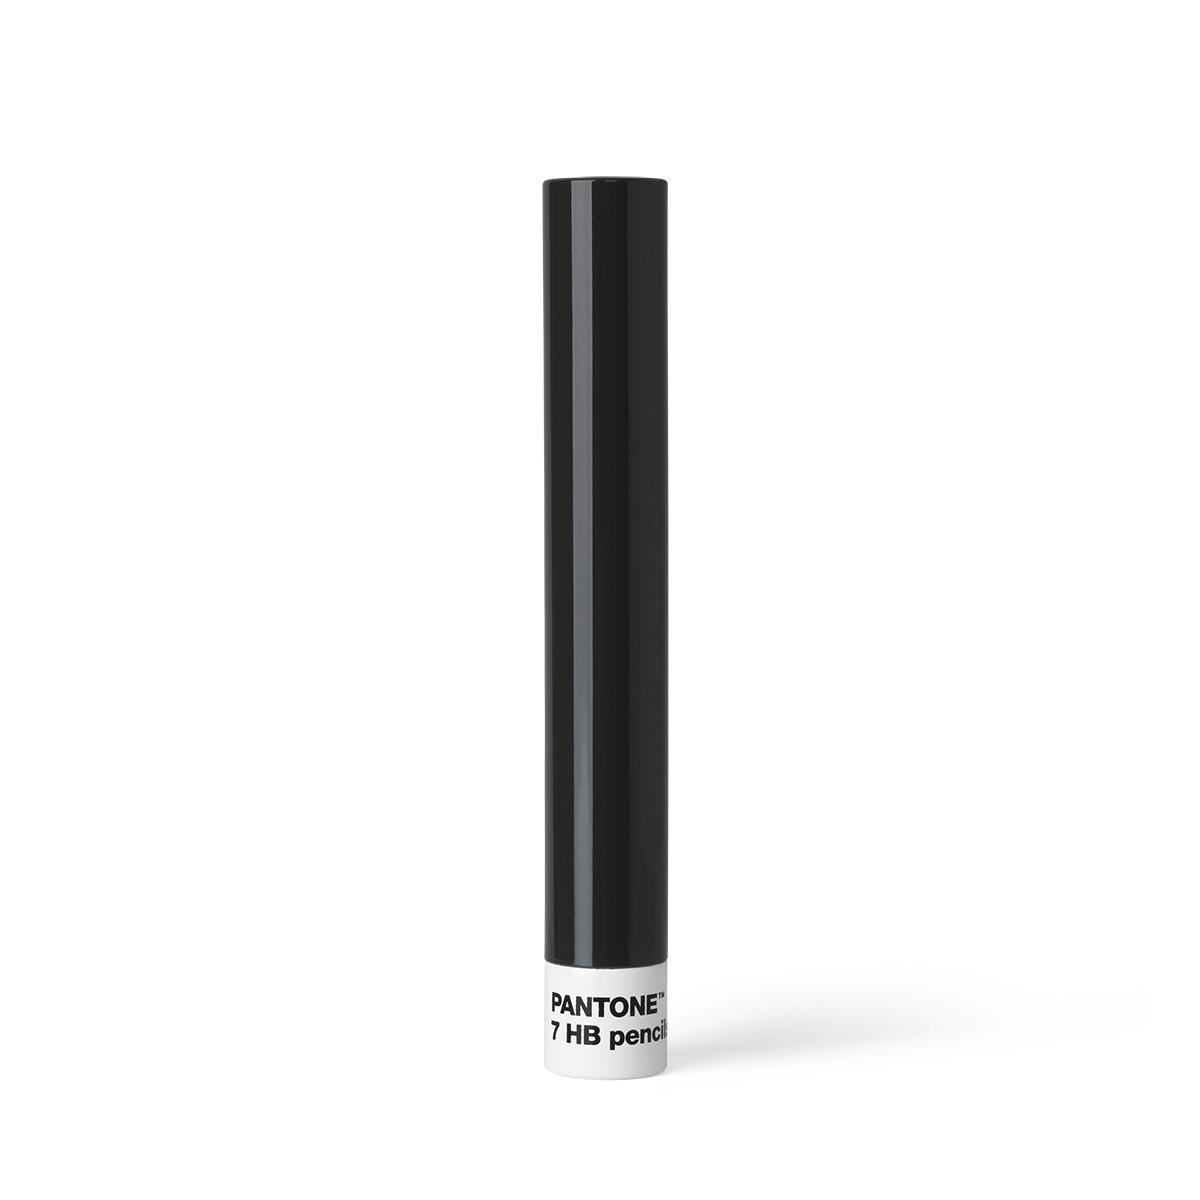 7 HB Pencils in Metal Tube - Gray 446